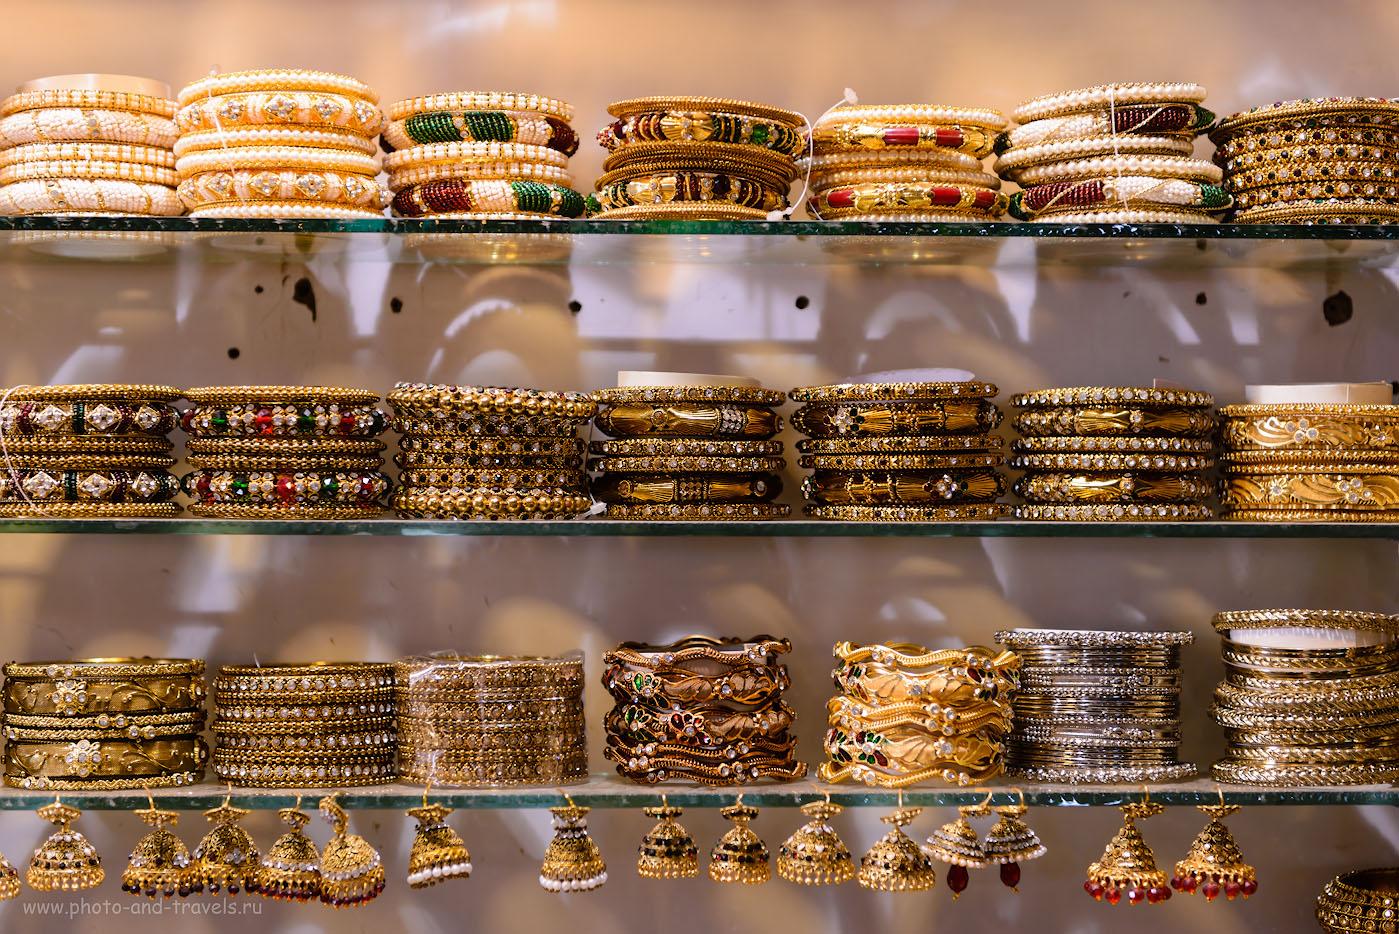 Фото 22. Женщины в Индии как сороки: любят носить множество сверкающих украшений. 1/125 -0.67, 3.2, 220, 62.